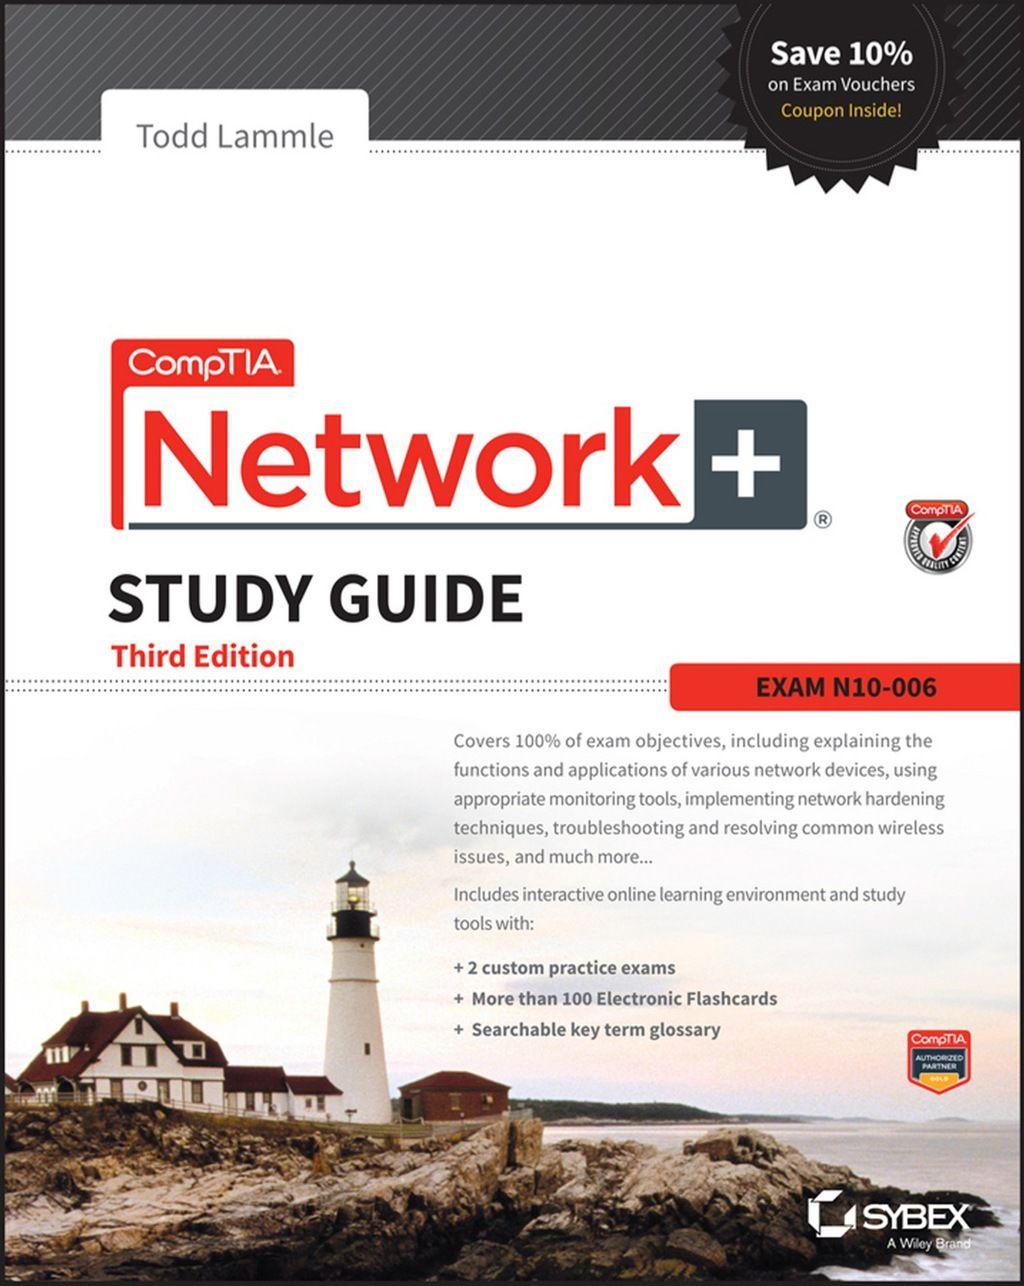 Comptia A Study Guide Pdf 2020 Free